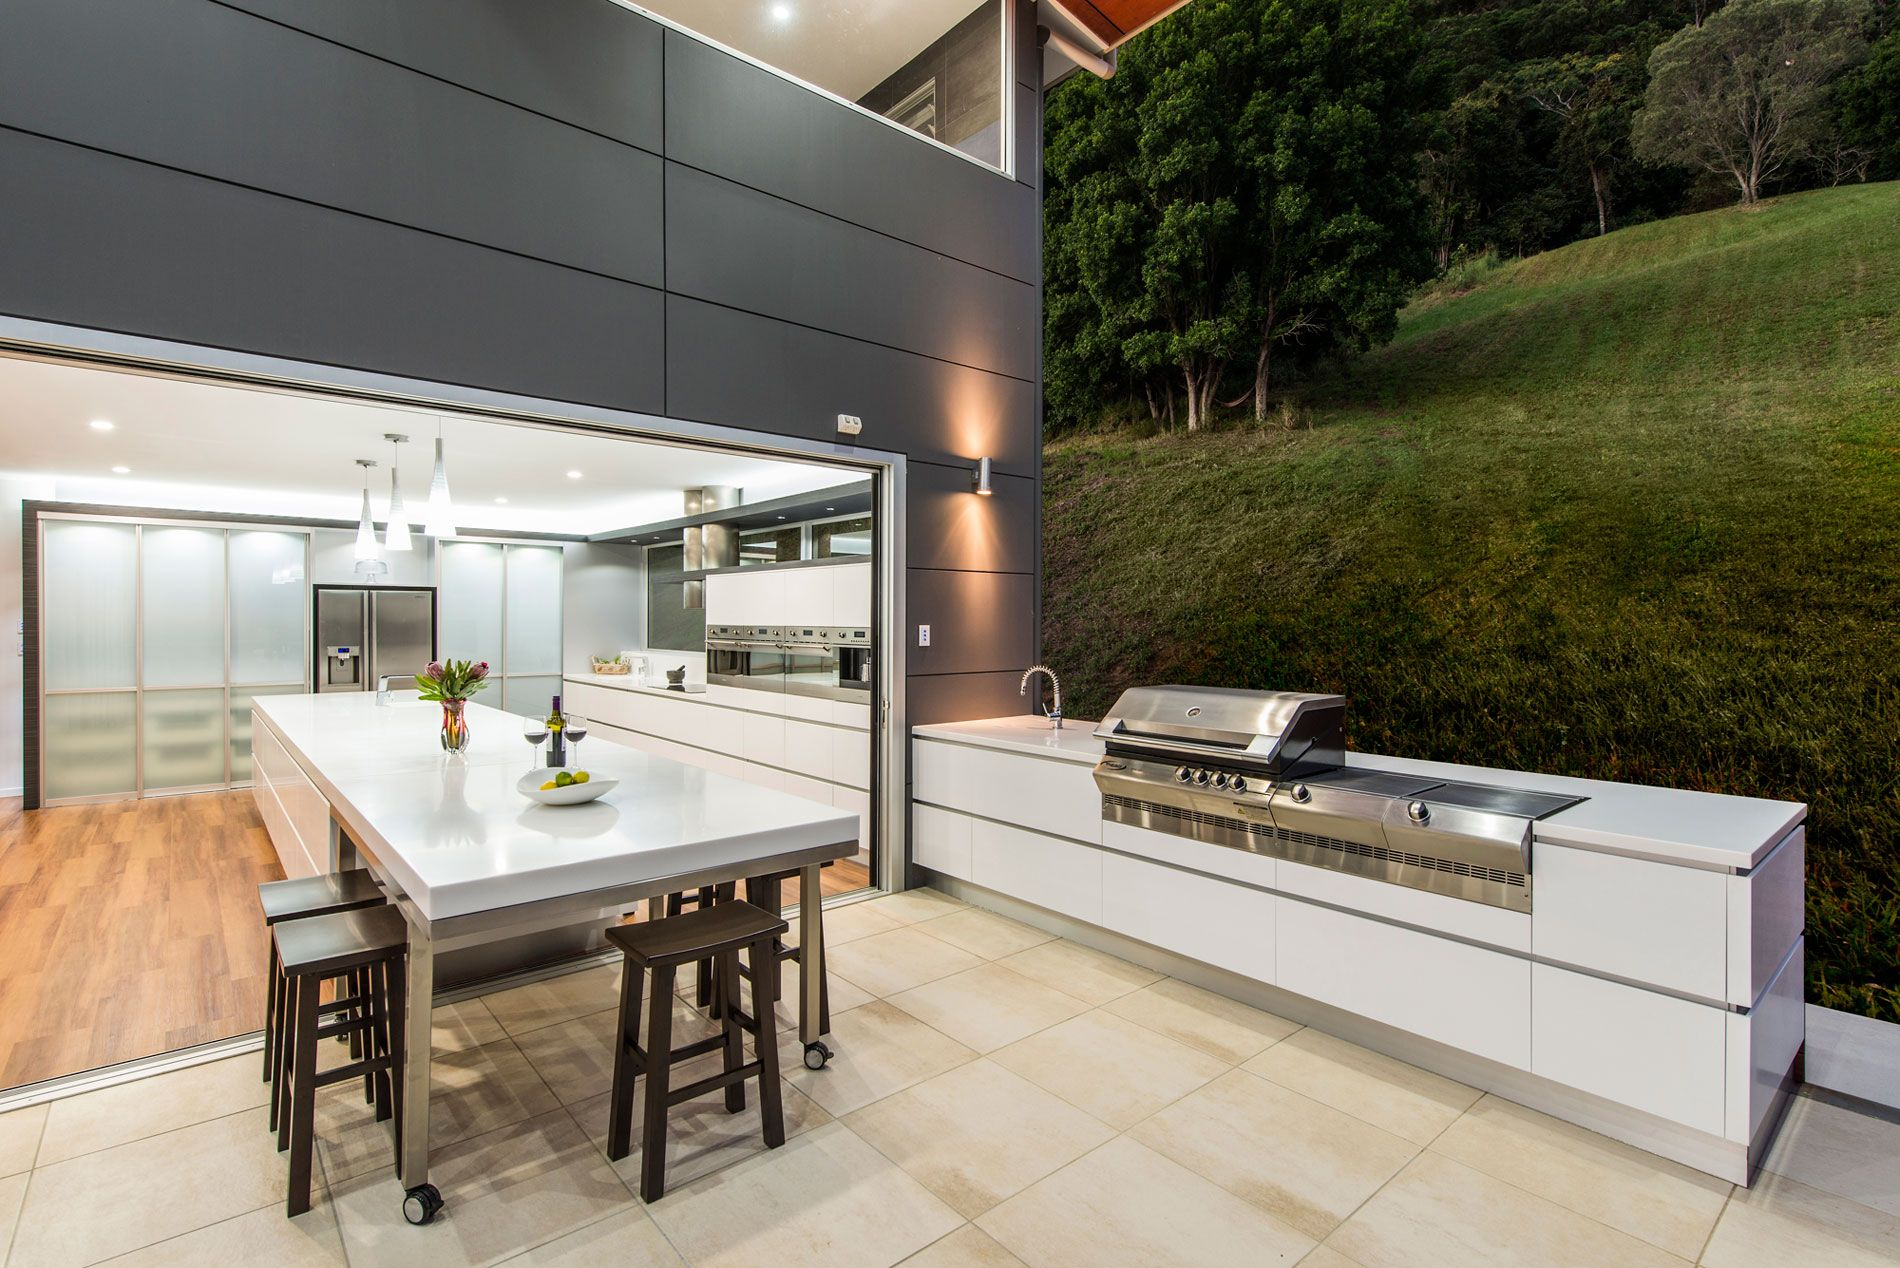 Sorprendente cocina que se expande hacia el exterior integrando ...